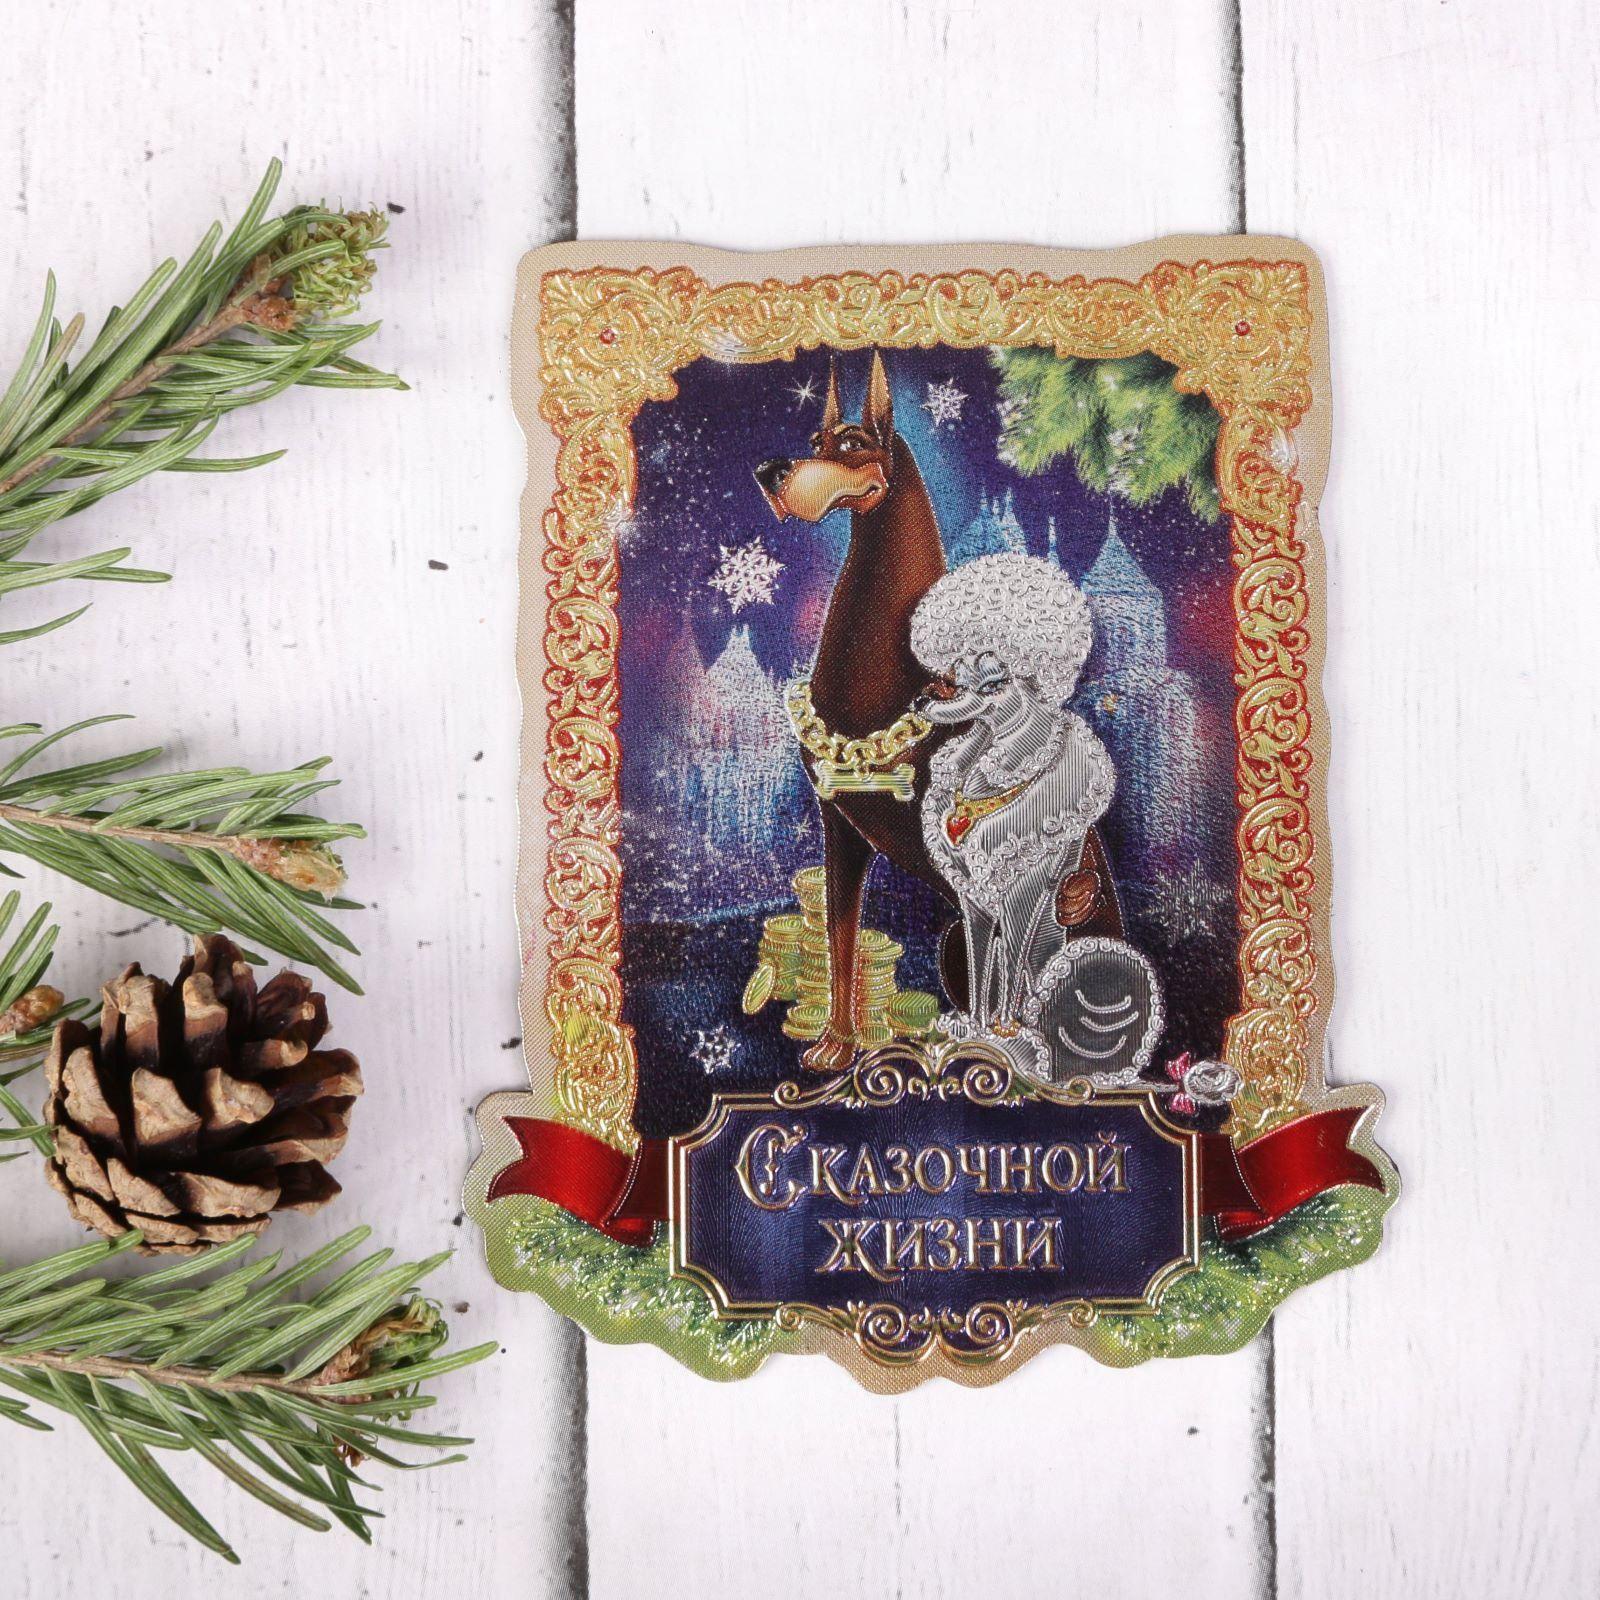 Магнит Sima-land Сказочной жизни, 6,5 х 8 см2299625Порадуйте родных и близких оригинальным сувениром: преподнесите в подарок магнит. С ним даже самый серьёзный человек почувствует себя ребёнком, ожидающим чудо! Создайте праздничное настроение, и оно останется с вами на весь год.